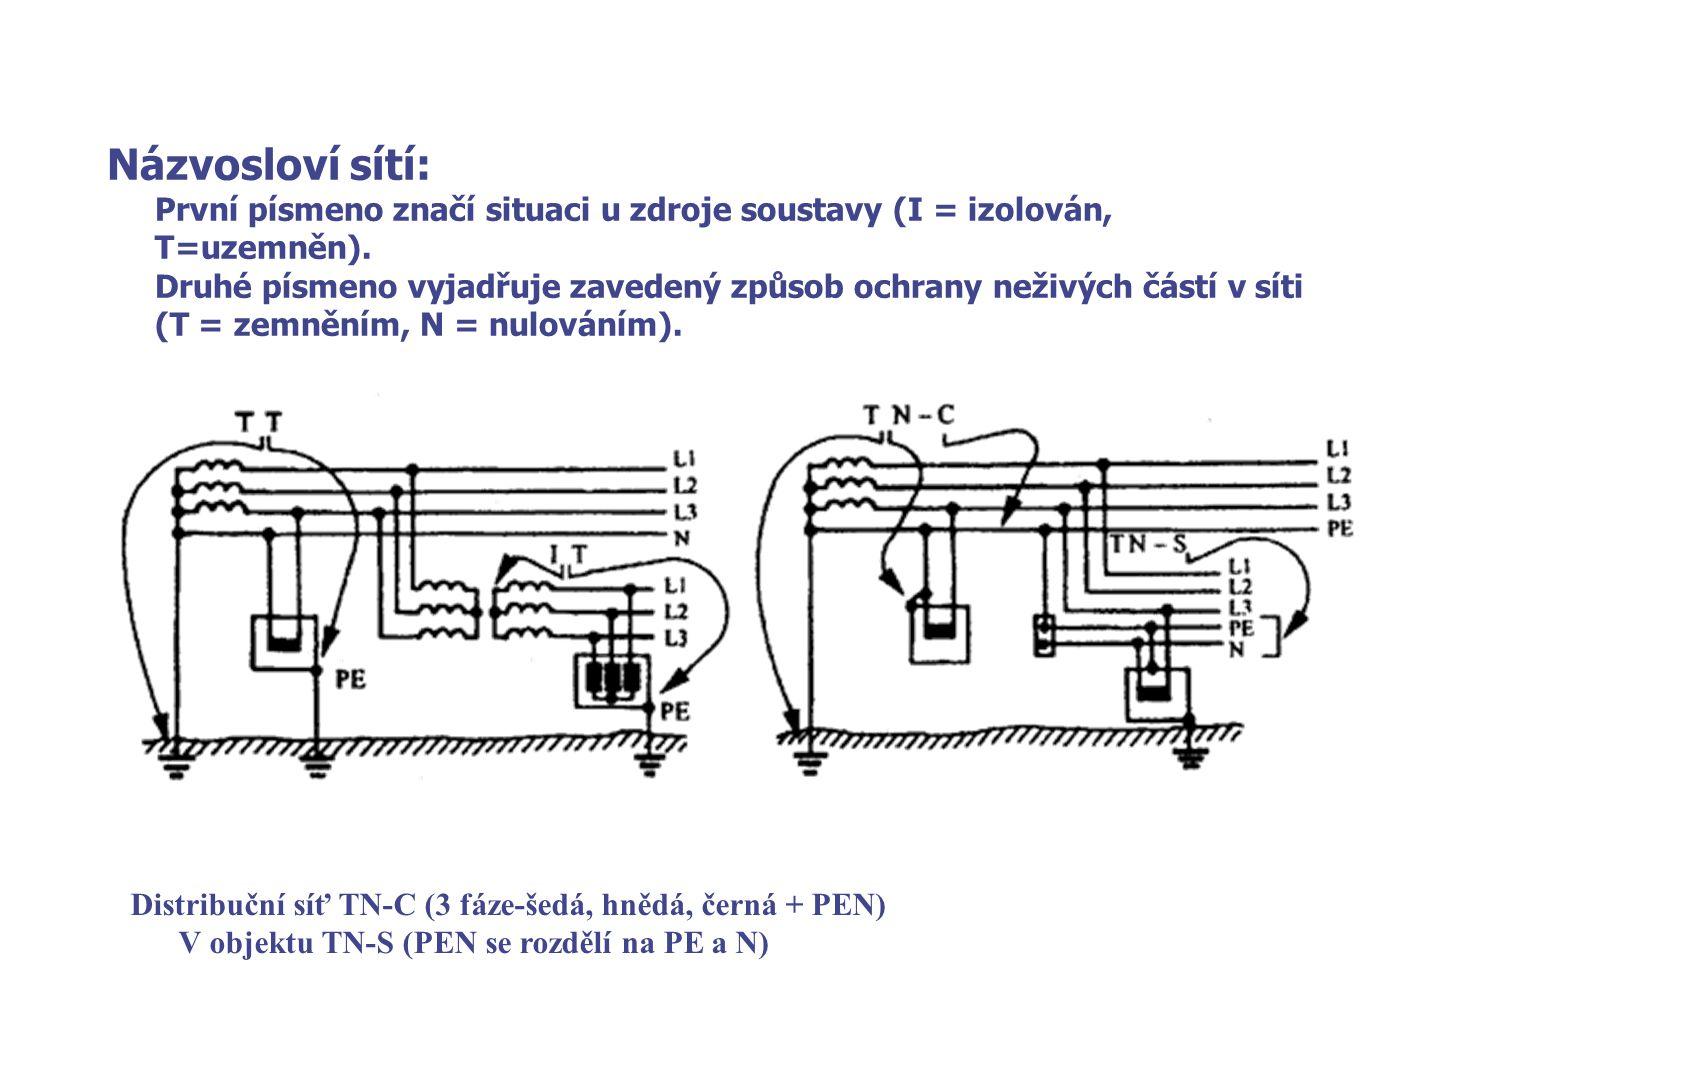 Názvosloví sítí: První písmeno značí situaci u zdroje soustavy (I = izolován, T=uzemněn). Druhé písmeno vyjadřuje zavedený způsob ochrany neživých čás